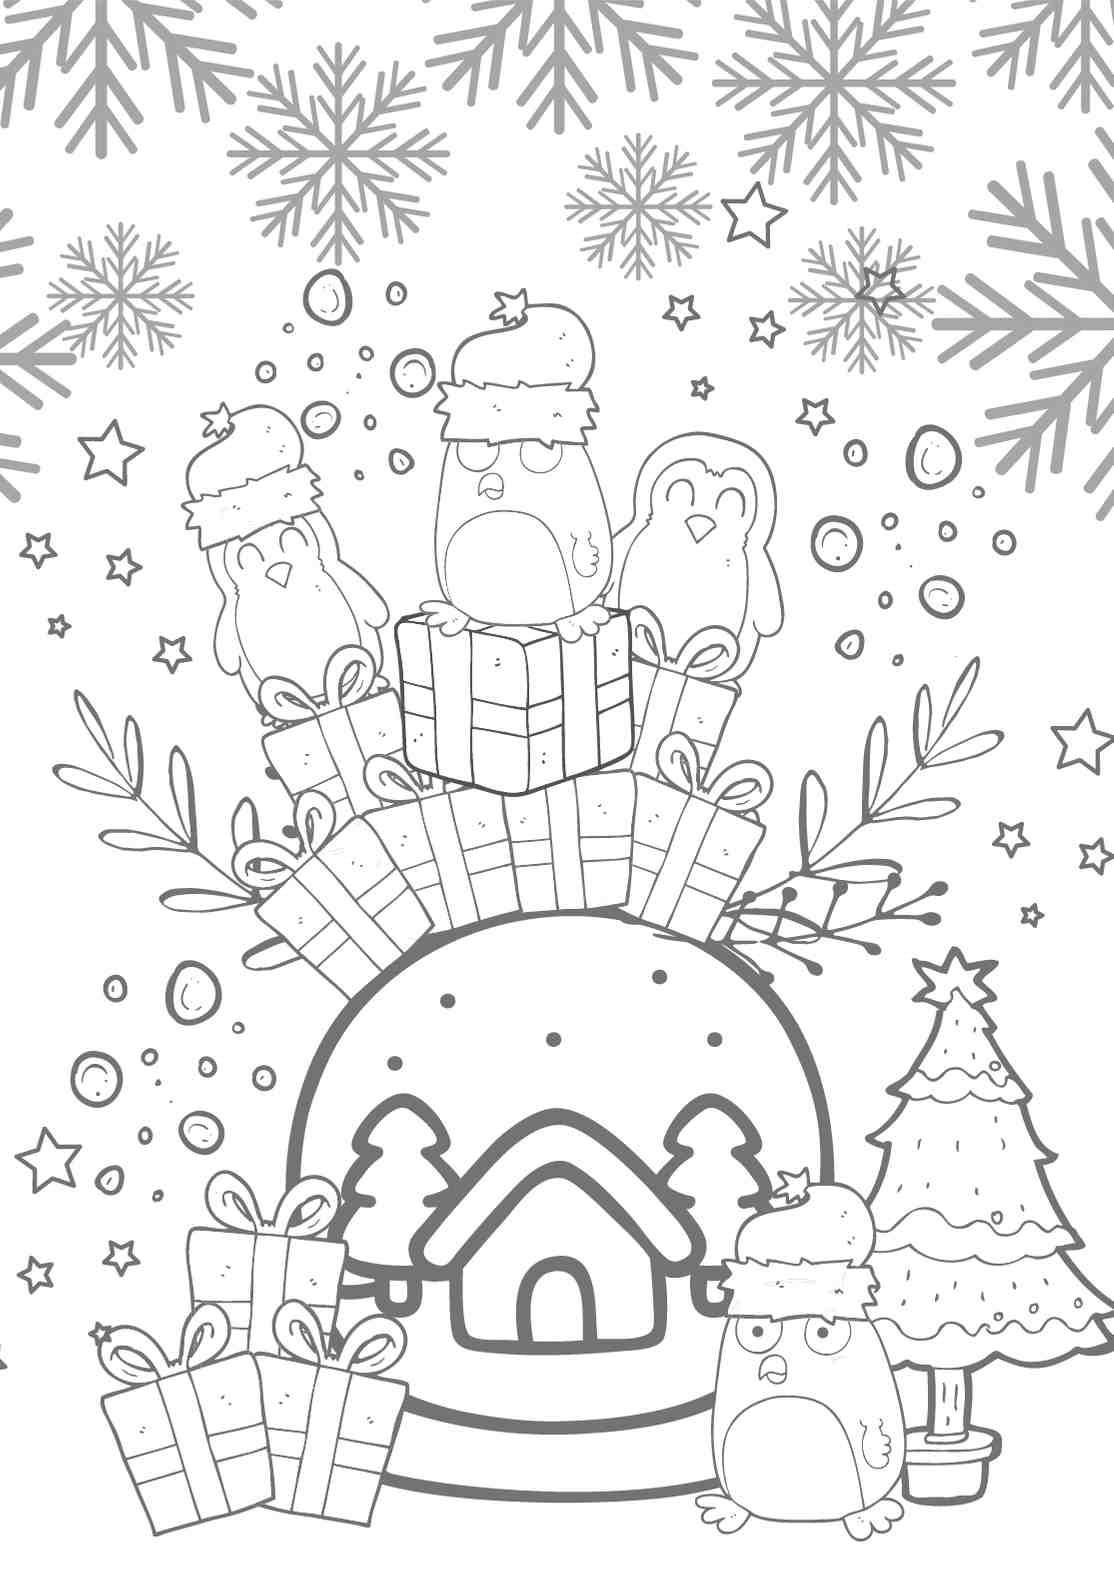 Vorlage Fensterbild Kreidestift Pinguin Winterlandschaft Schneekugel